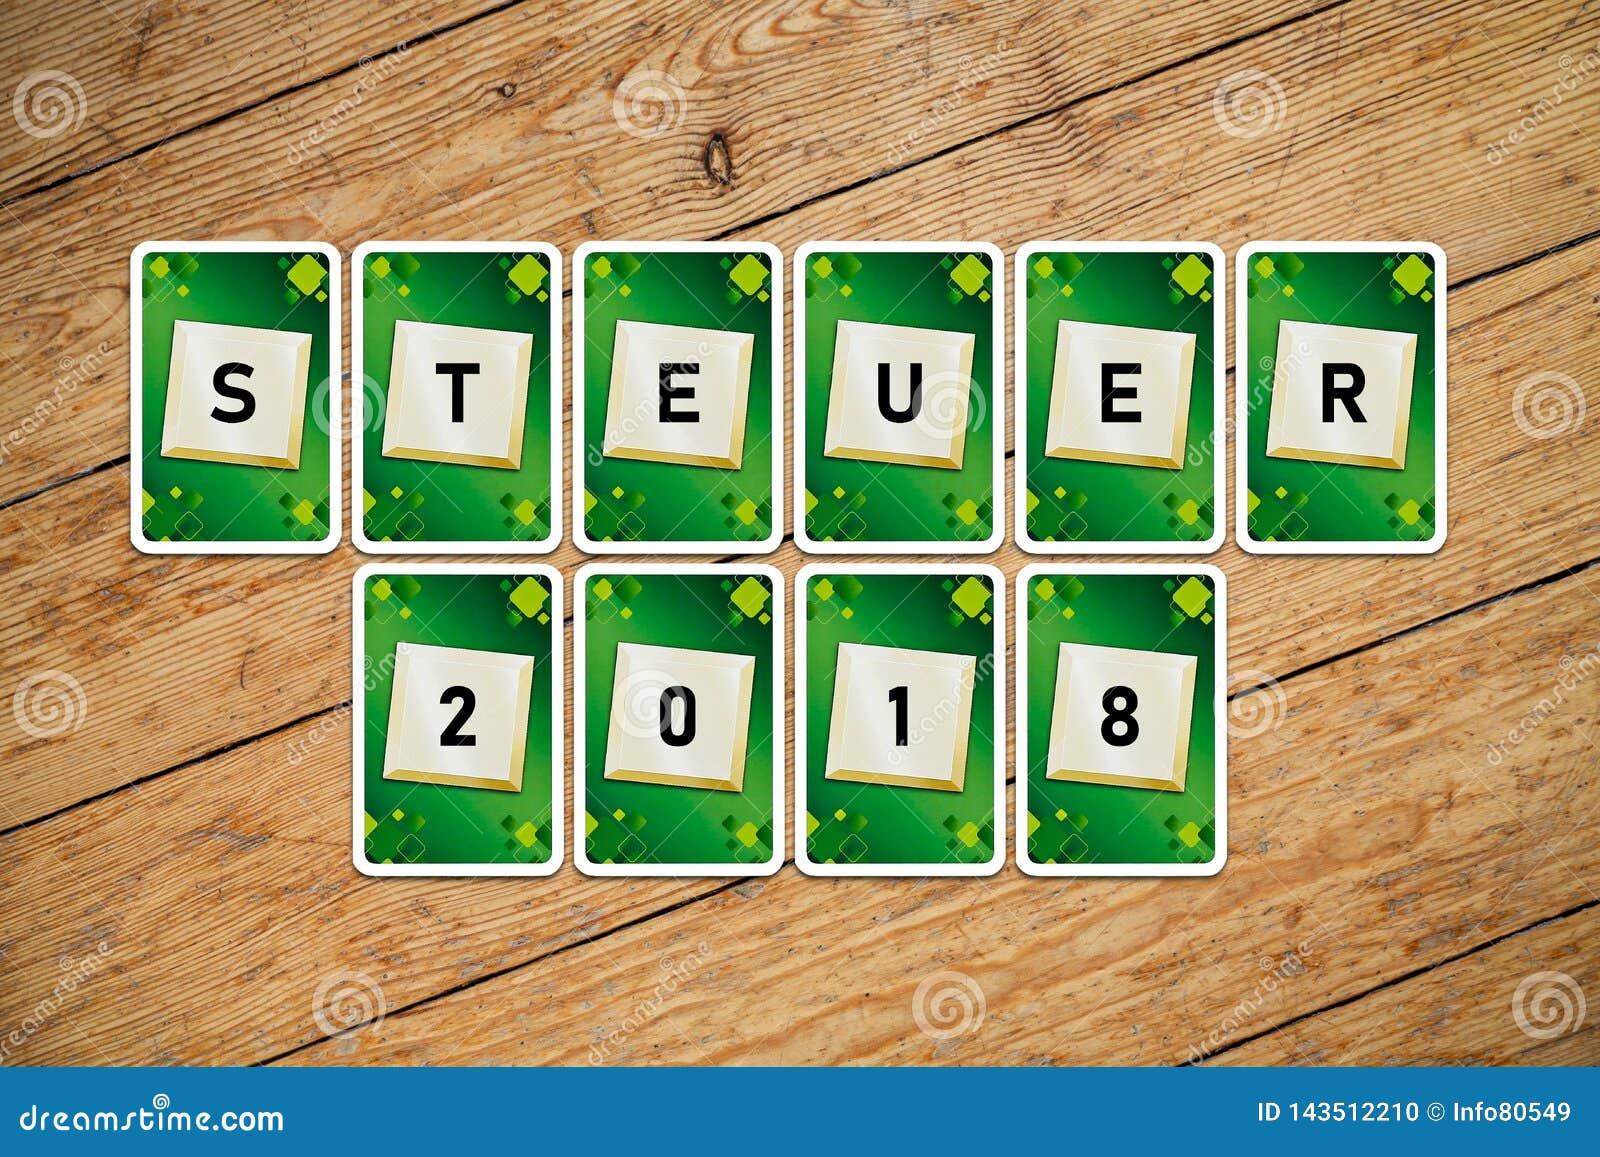 Karty do gry z tekstem «Steuer 2018 «na drewnianej podłodze